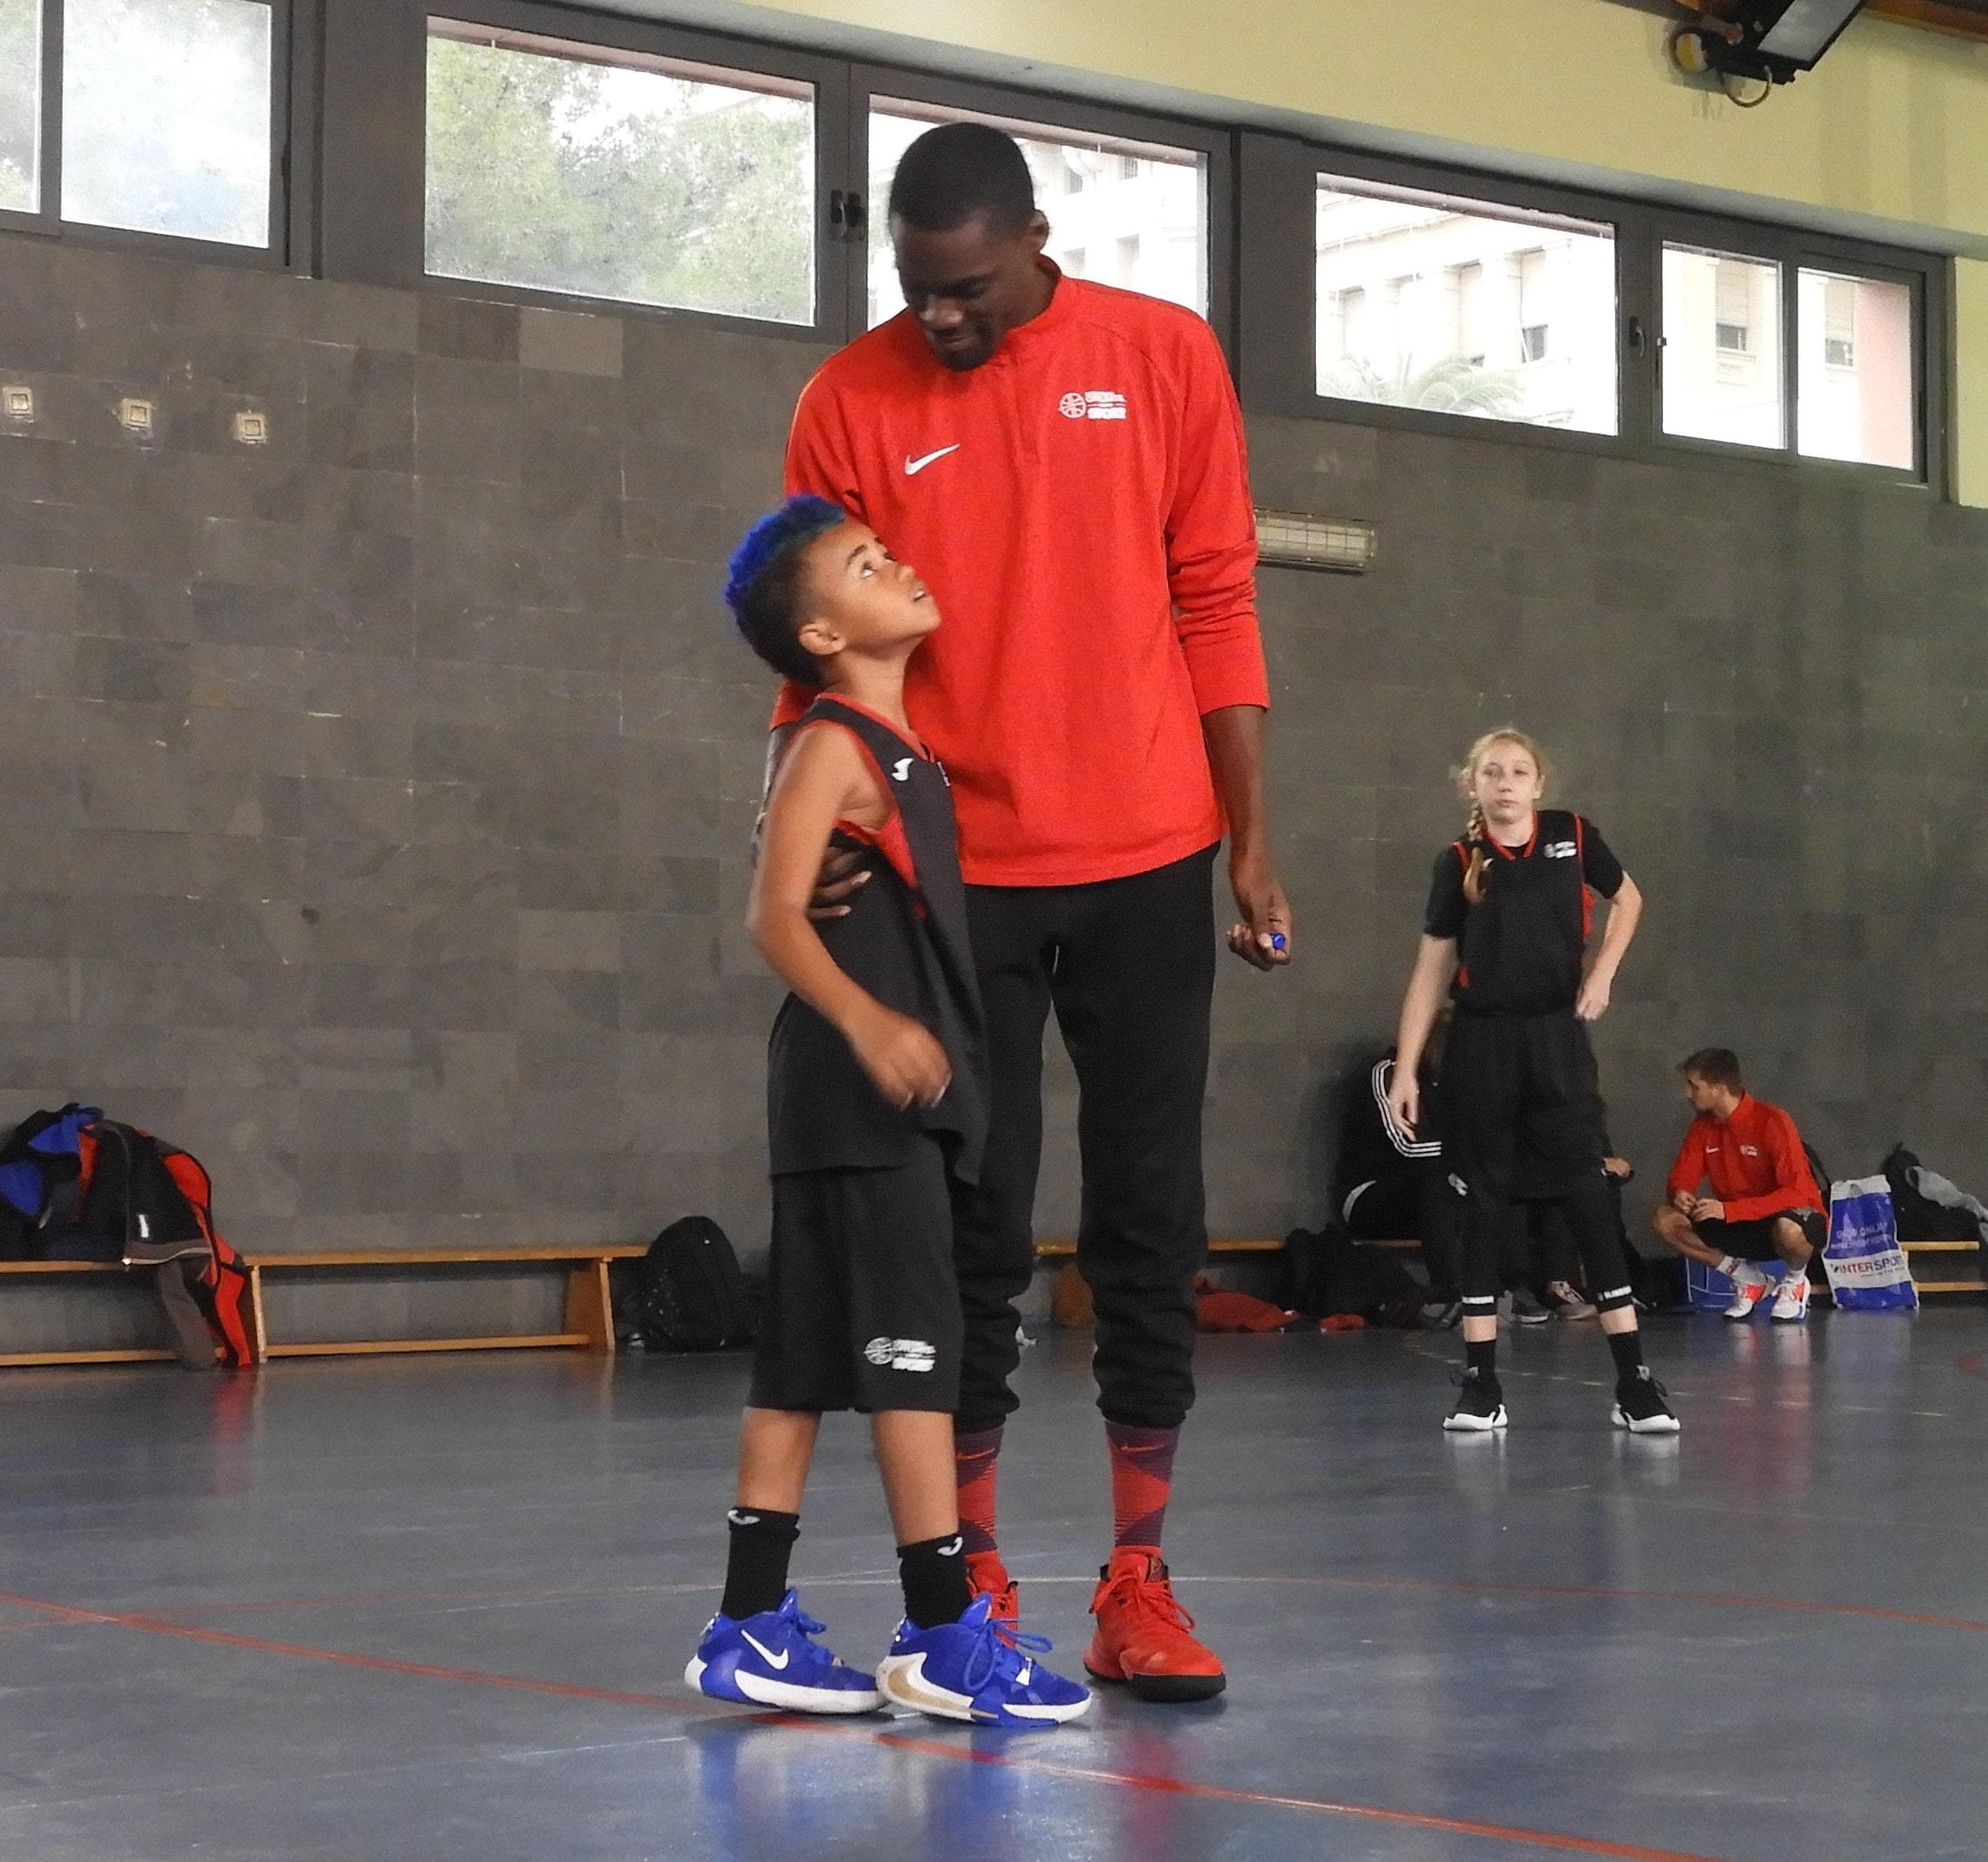 Nba Campus De Baloncesto En Navidad En Barcelona - Offlimitscamps